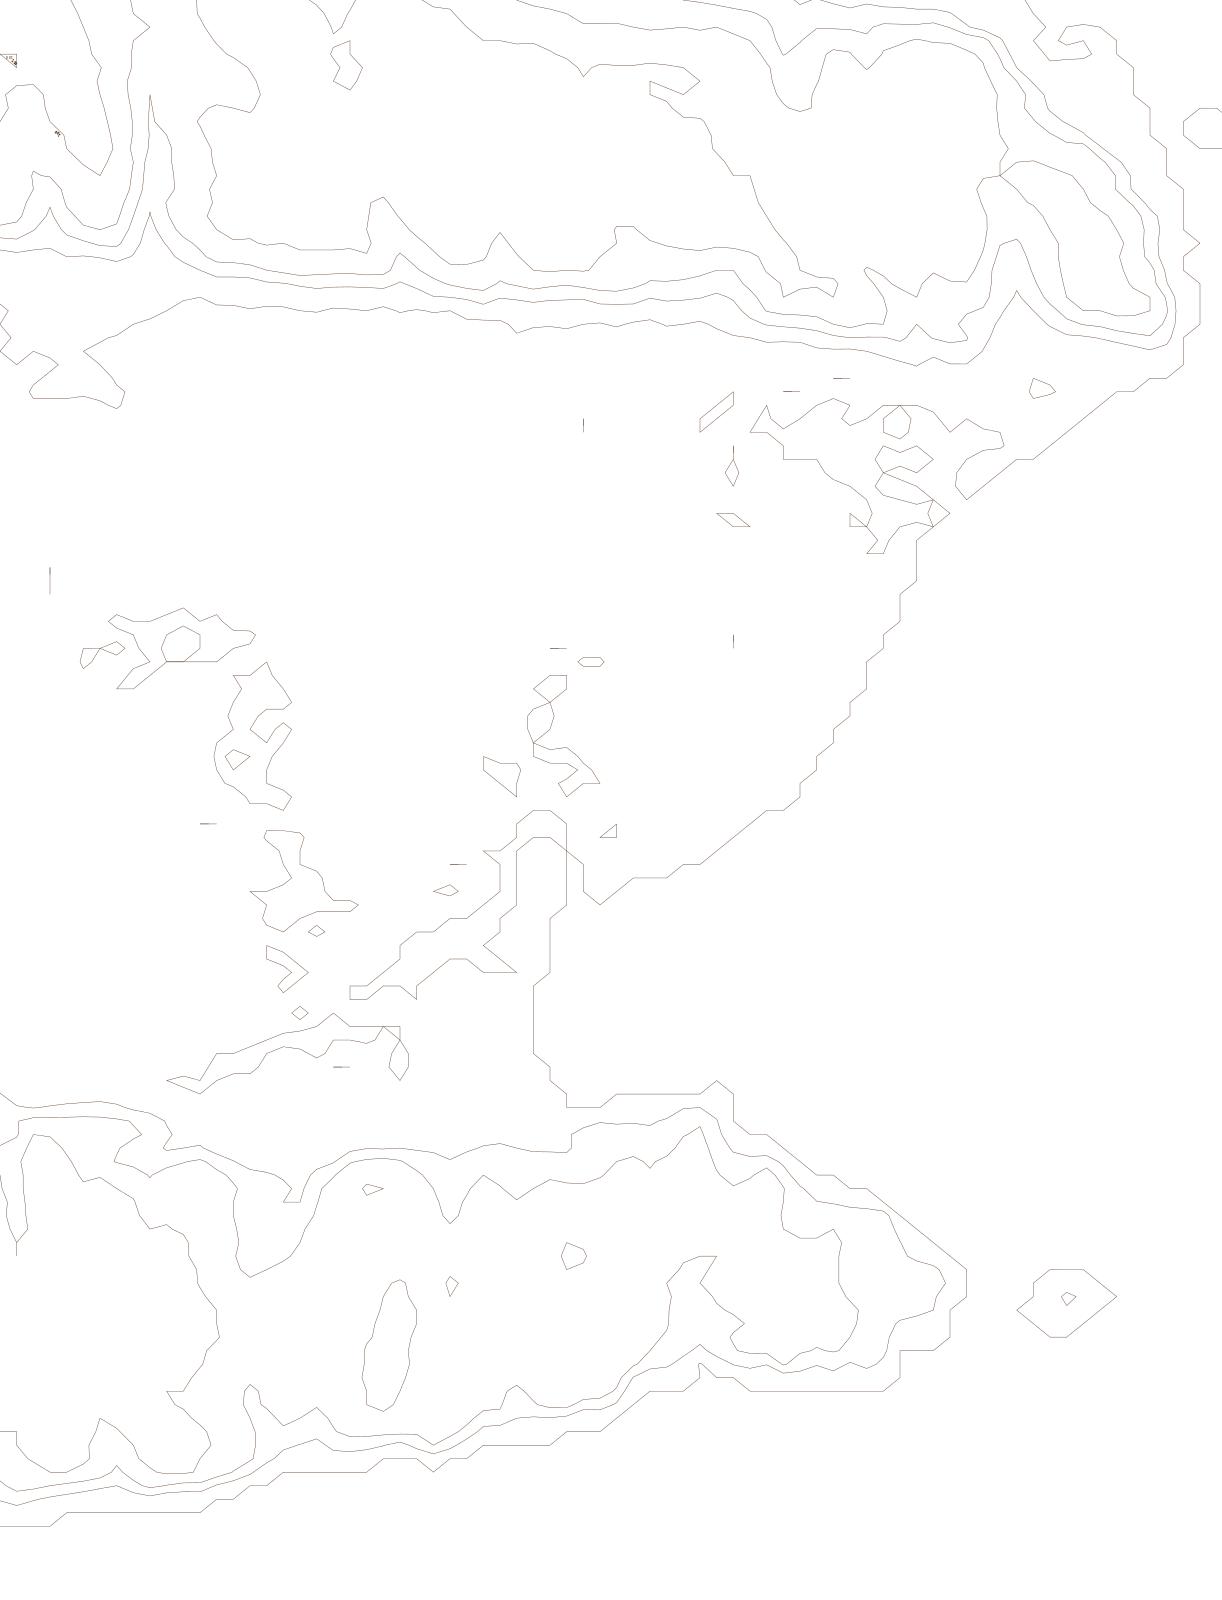 structuration_documents/designs/contours4.png